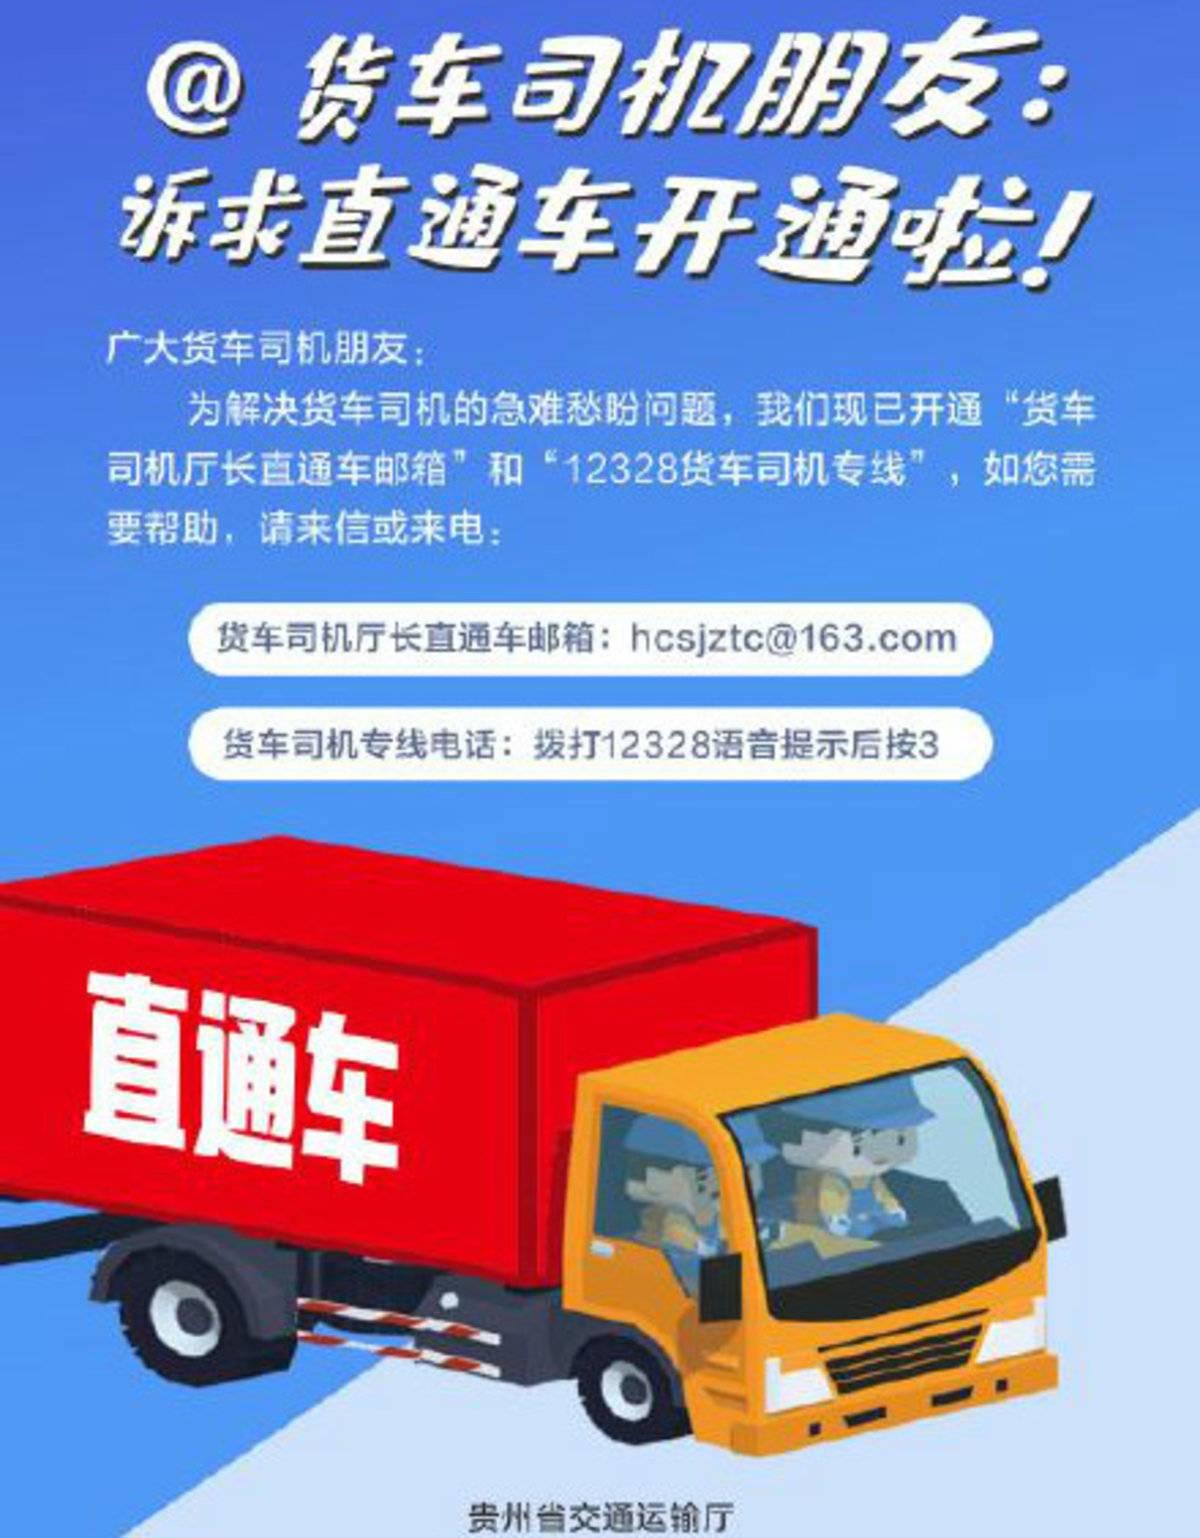 转发分享!贵州开通货车司机诉求专线电话